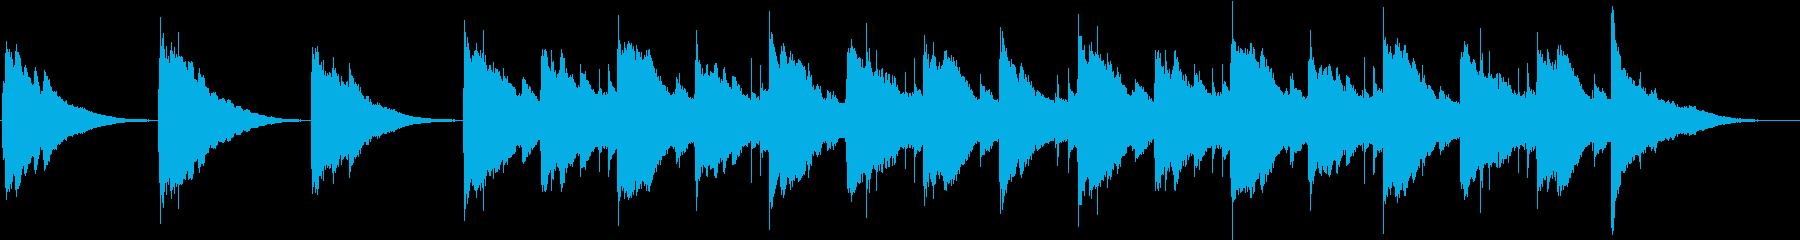 タンクドラムで回想シーンをイメージの再生済みの波形